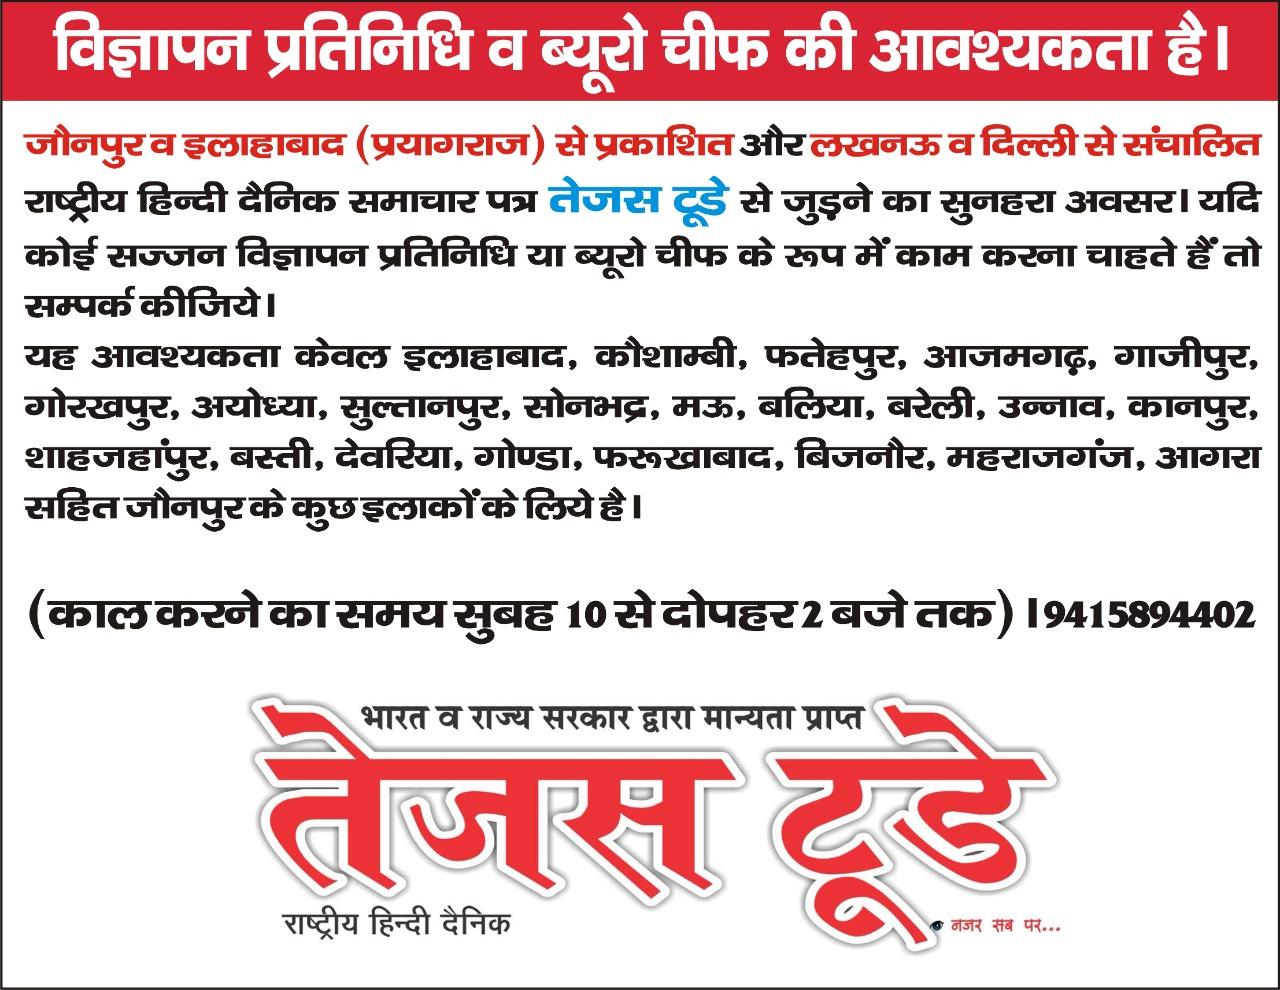 हिन्दी दैनिक समाचार पत्र तेजस टूडे में विज्ञापन प्रतिनिधि या ब्यूरो चीफ के रूप में काम करने के लिए सम्पकर्म करें | #TejasToday